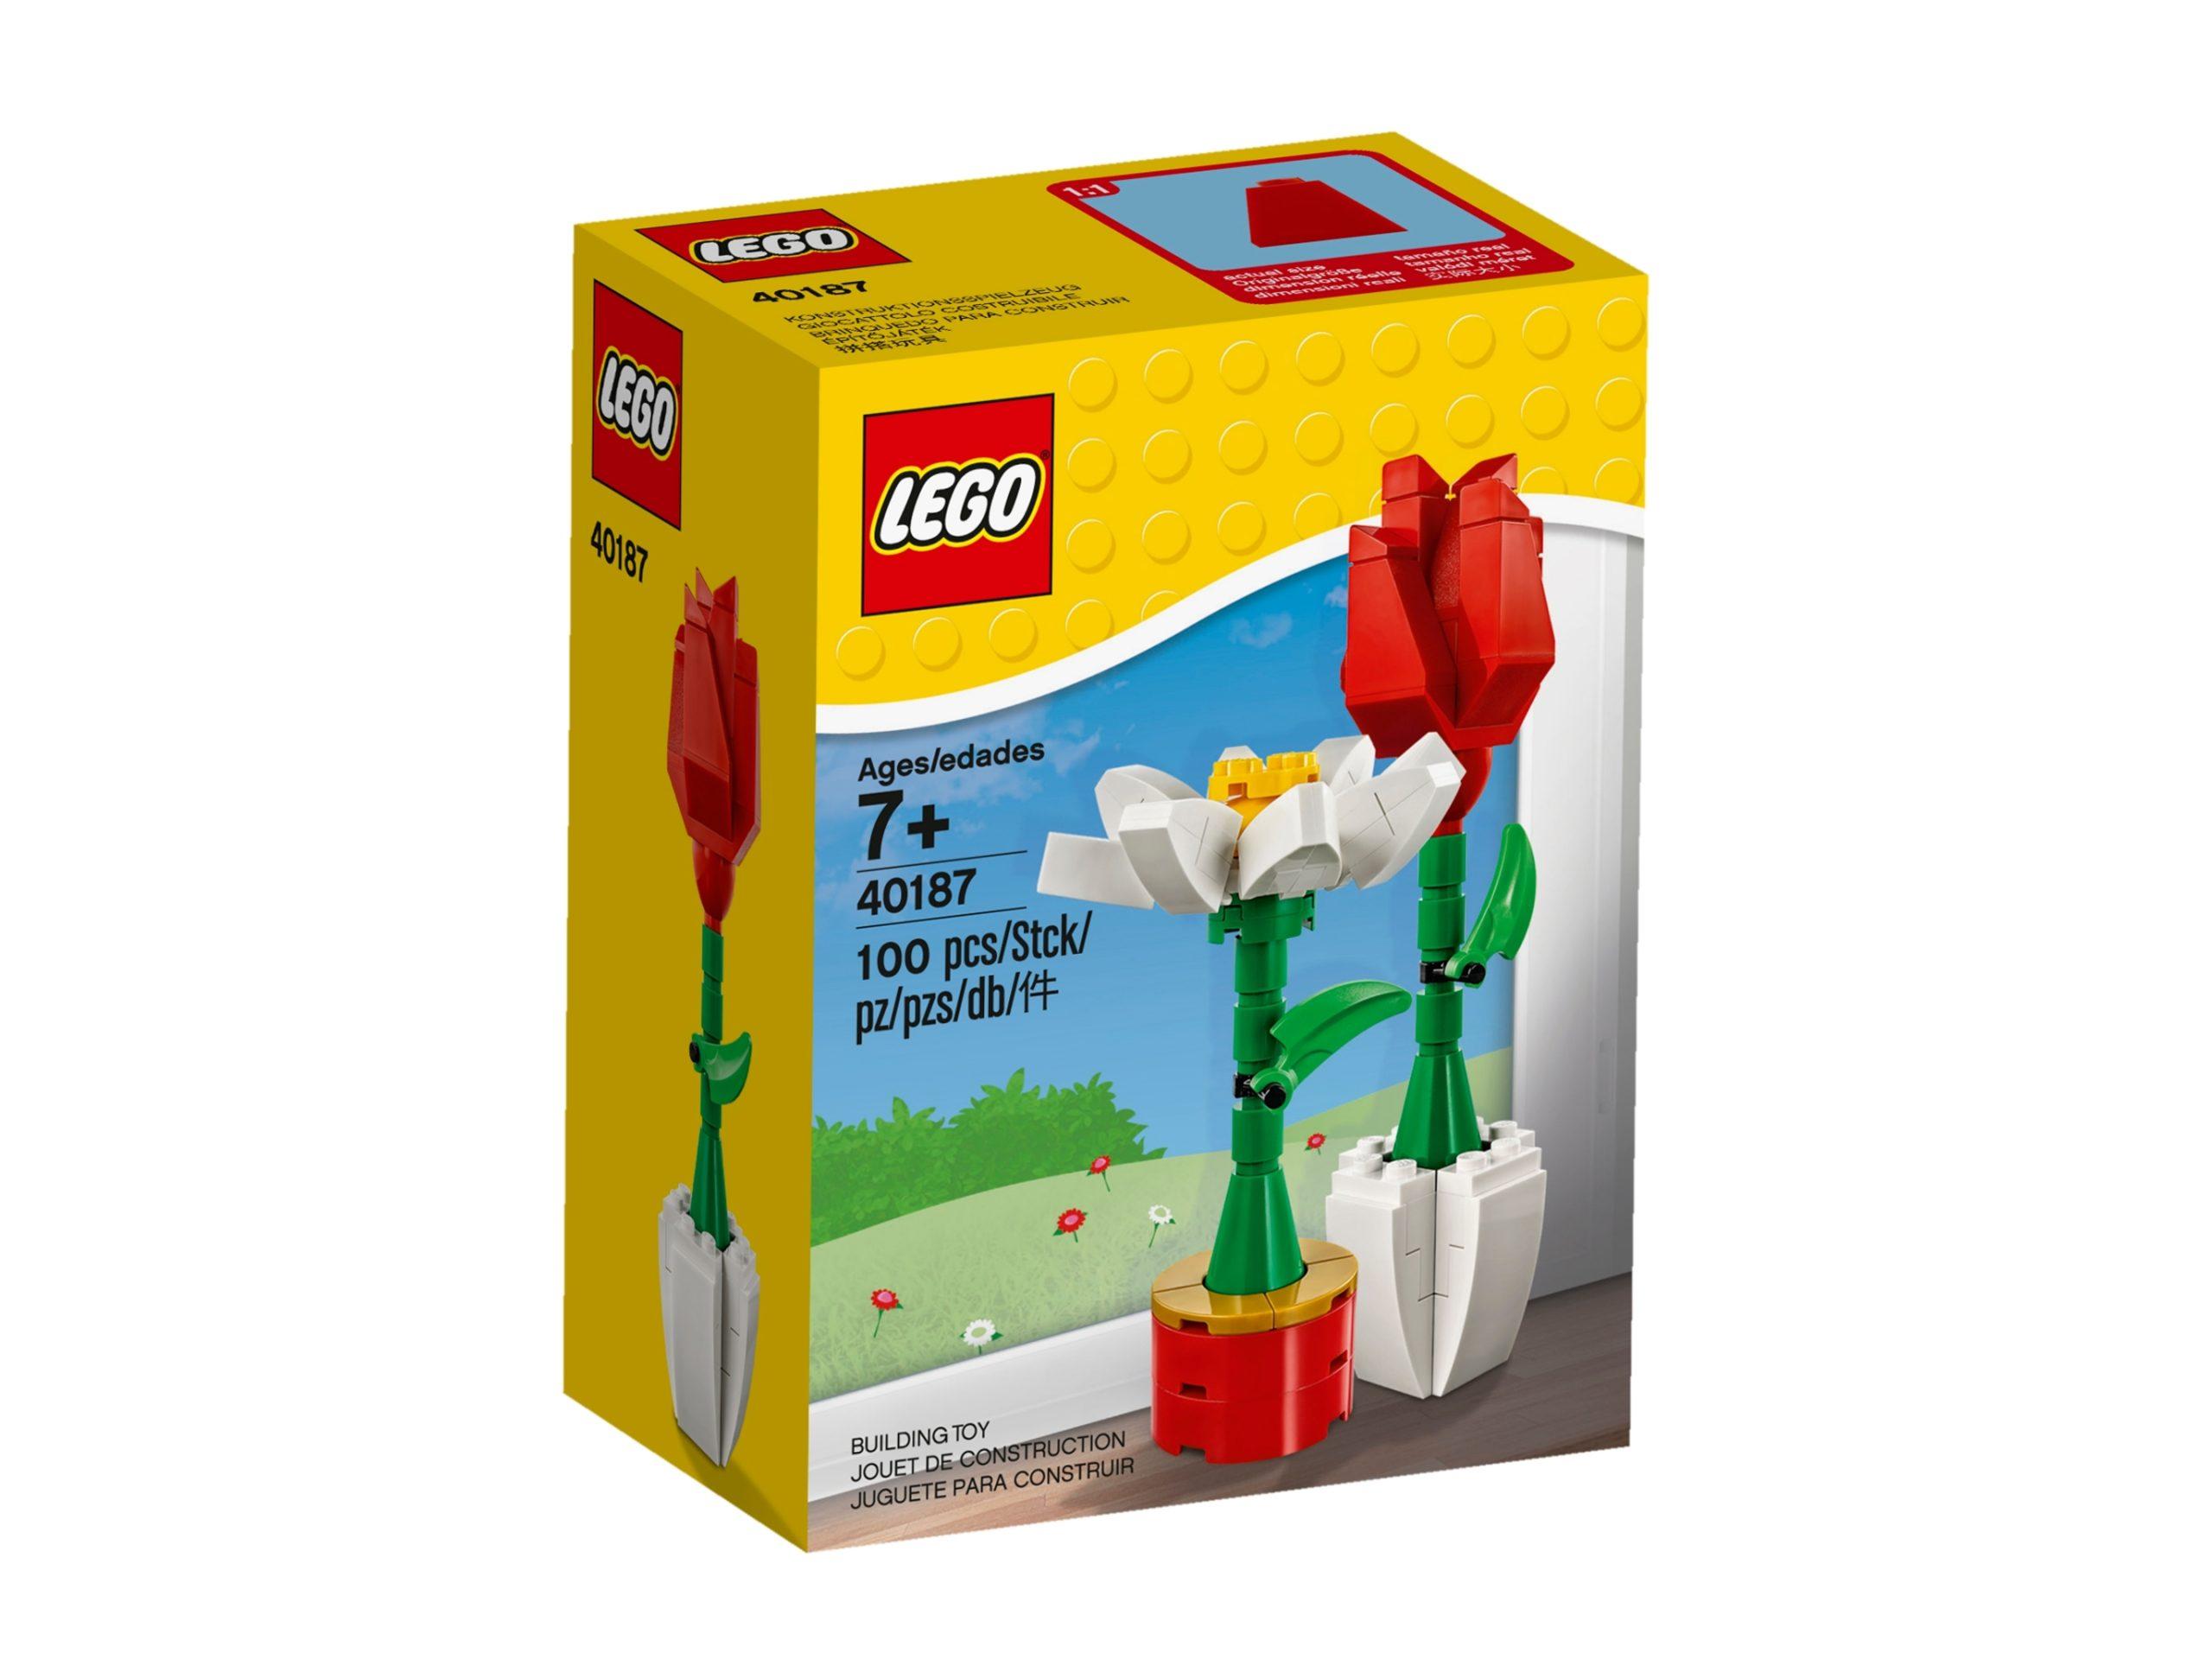 fiori lego 40187 scaled